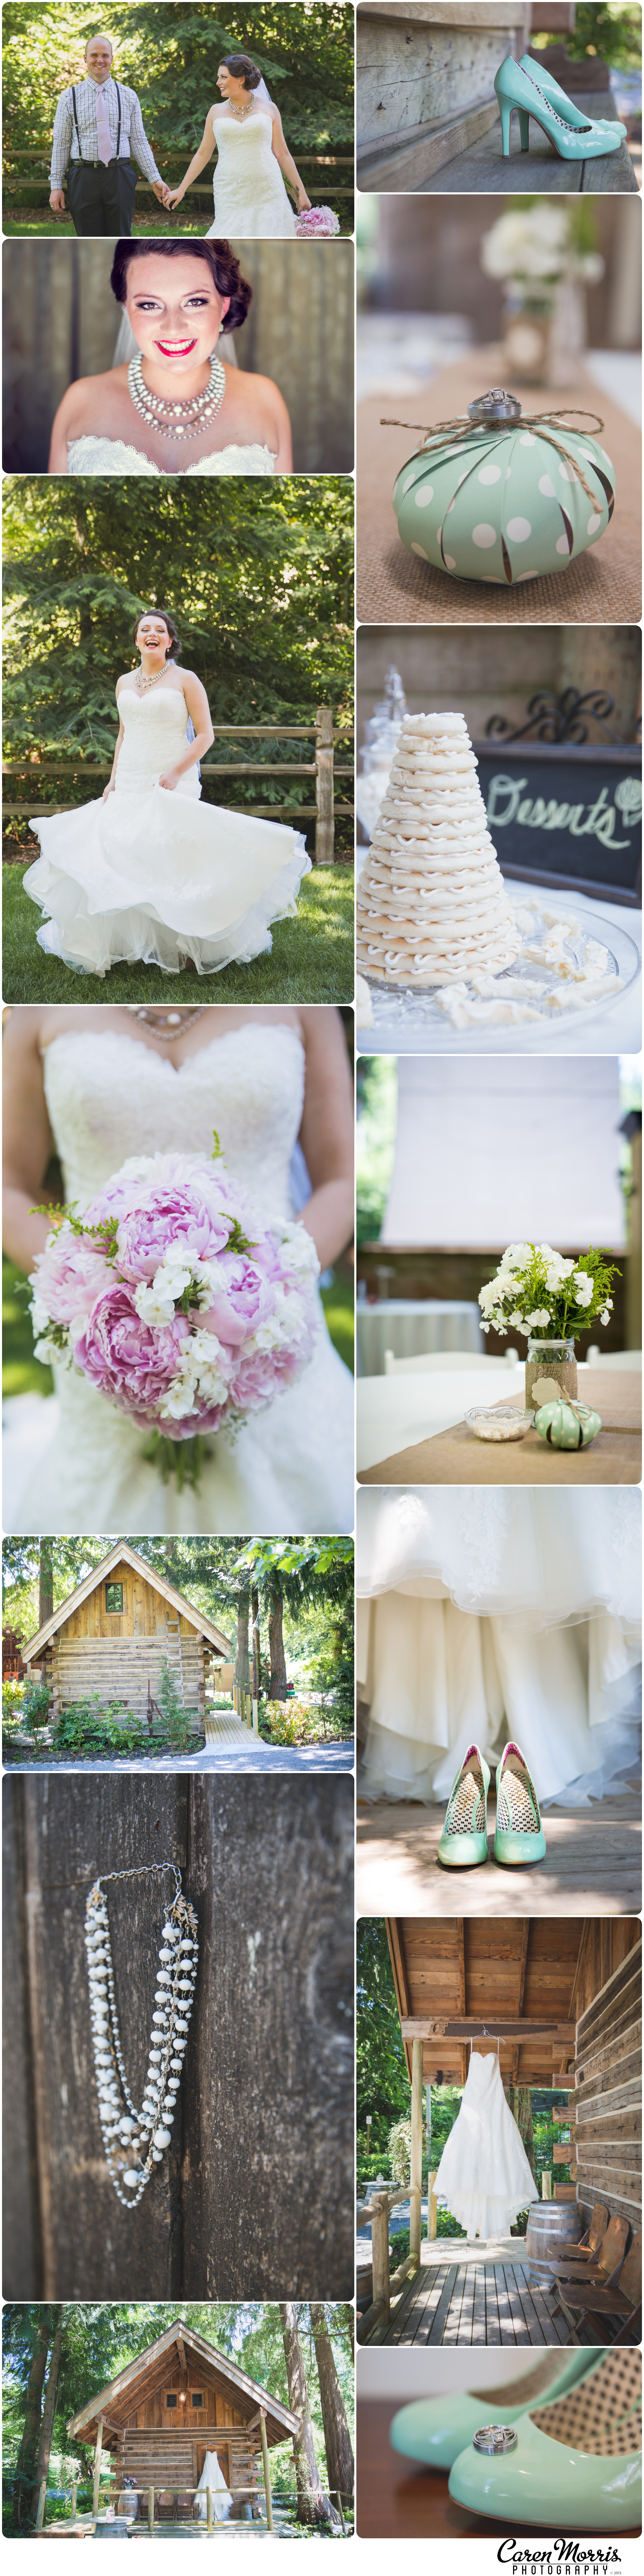 green-gates-at-flowing-lake-wedding